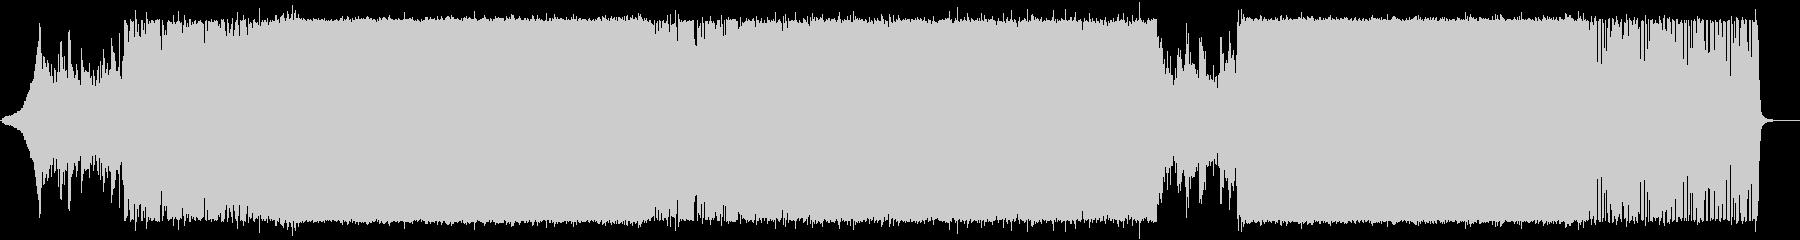 アニメの戦闘シーン、主人公覚醒シーンの未再生の波形